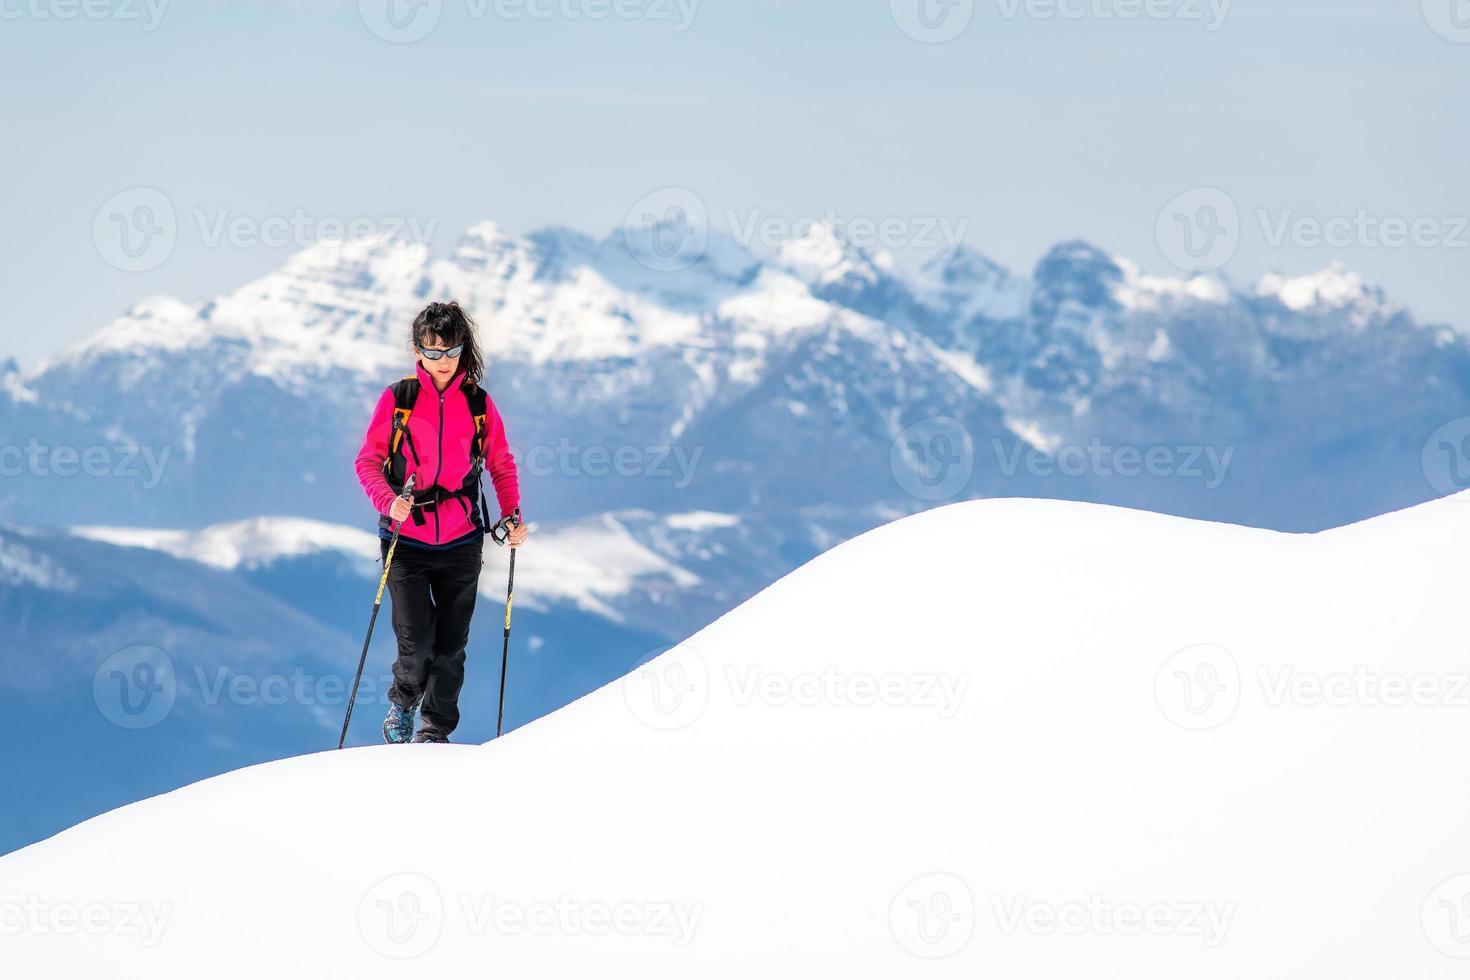 giovane donna sulla cresta di tanta neve si alza verso la cima delle montagne foto